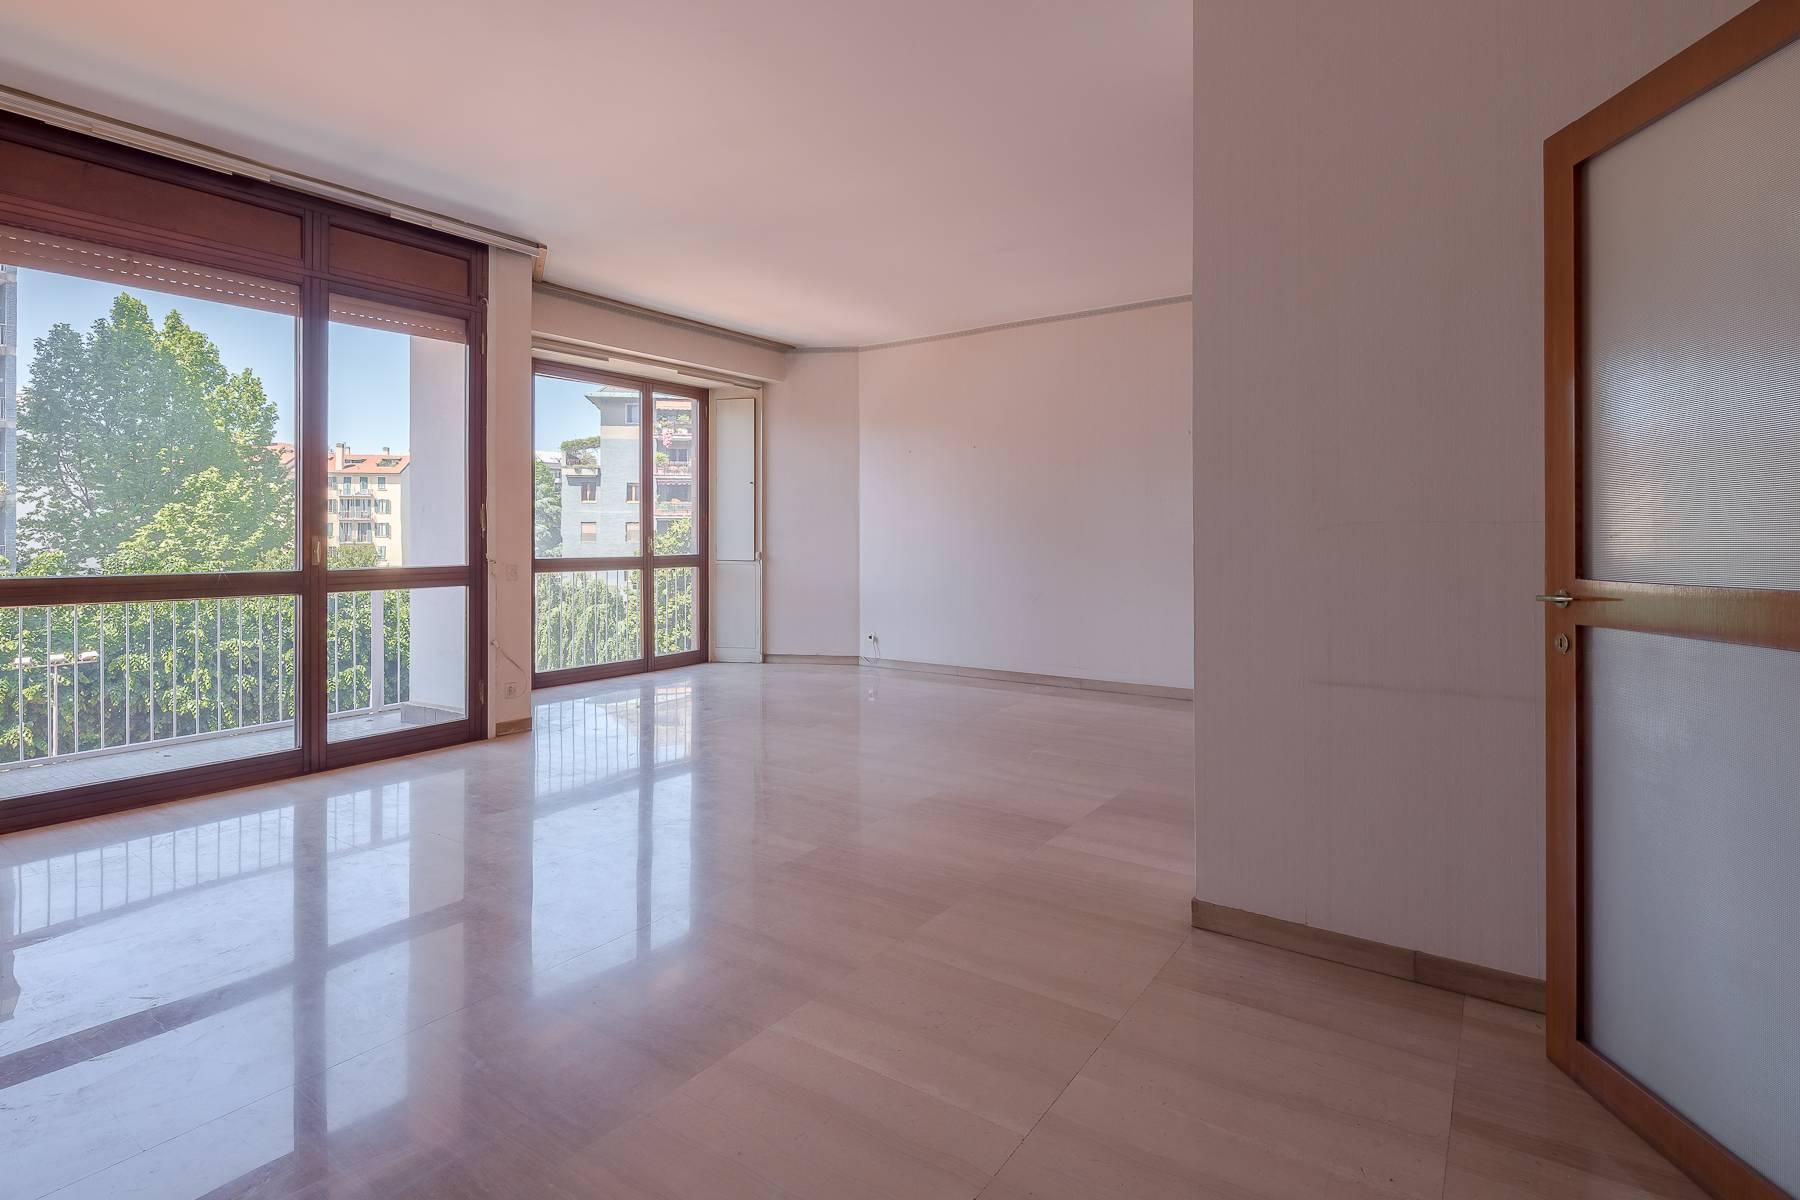 Appartamento in Vendita a Milano: 5 locali, 150 mq - Foto 13